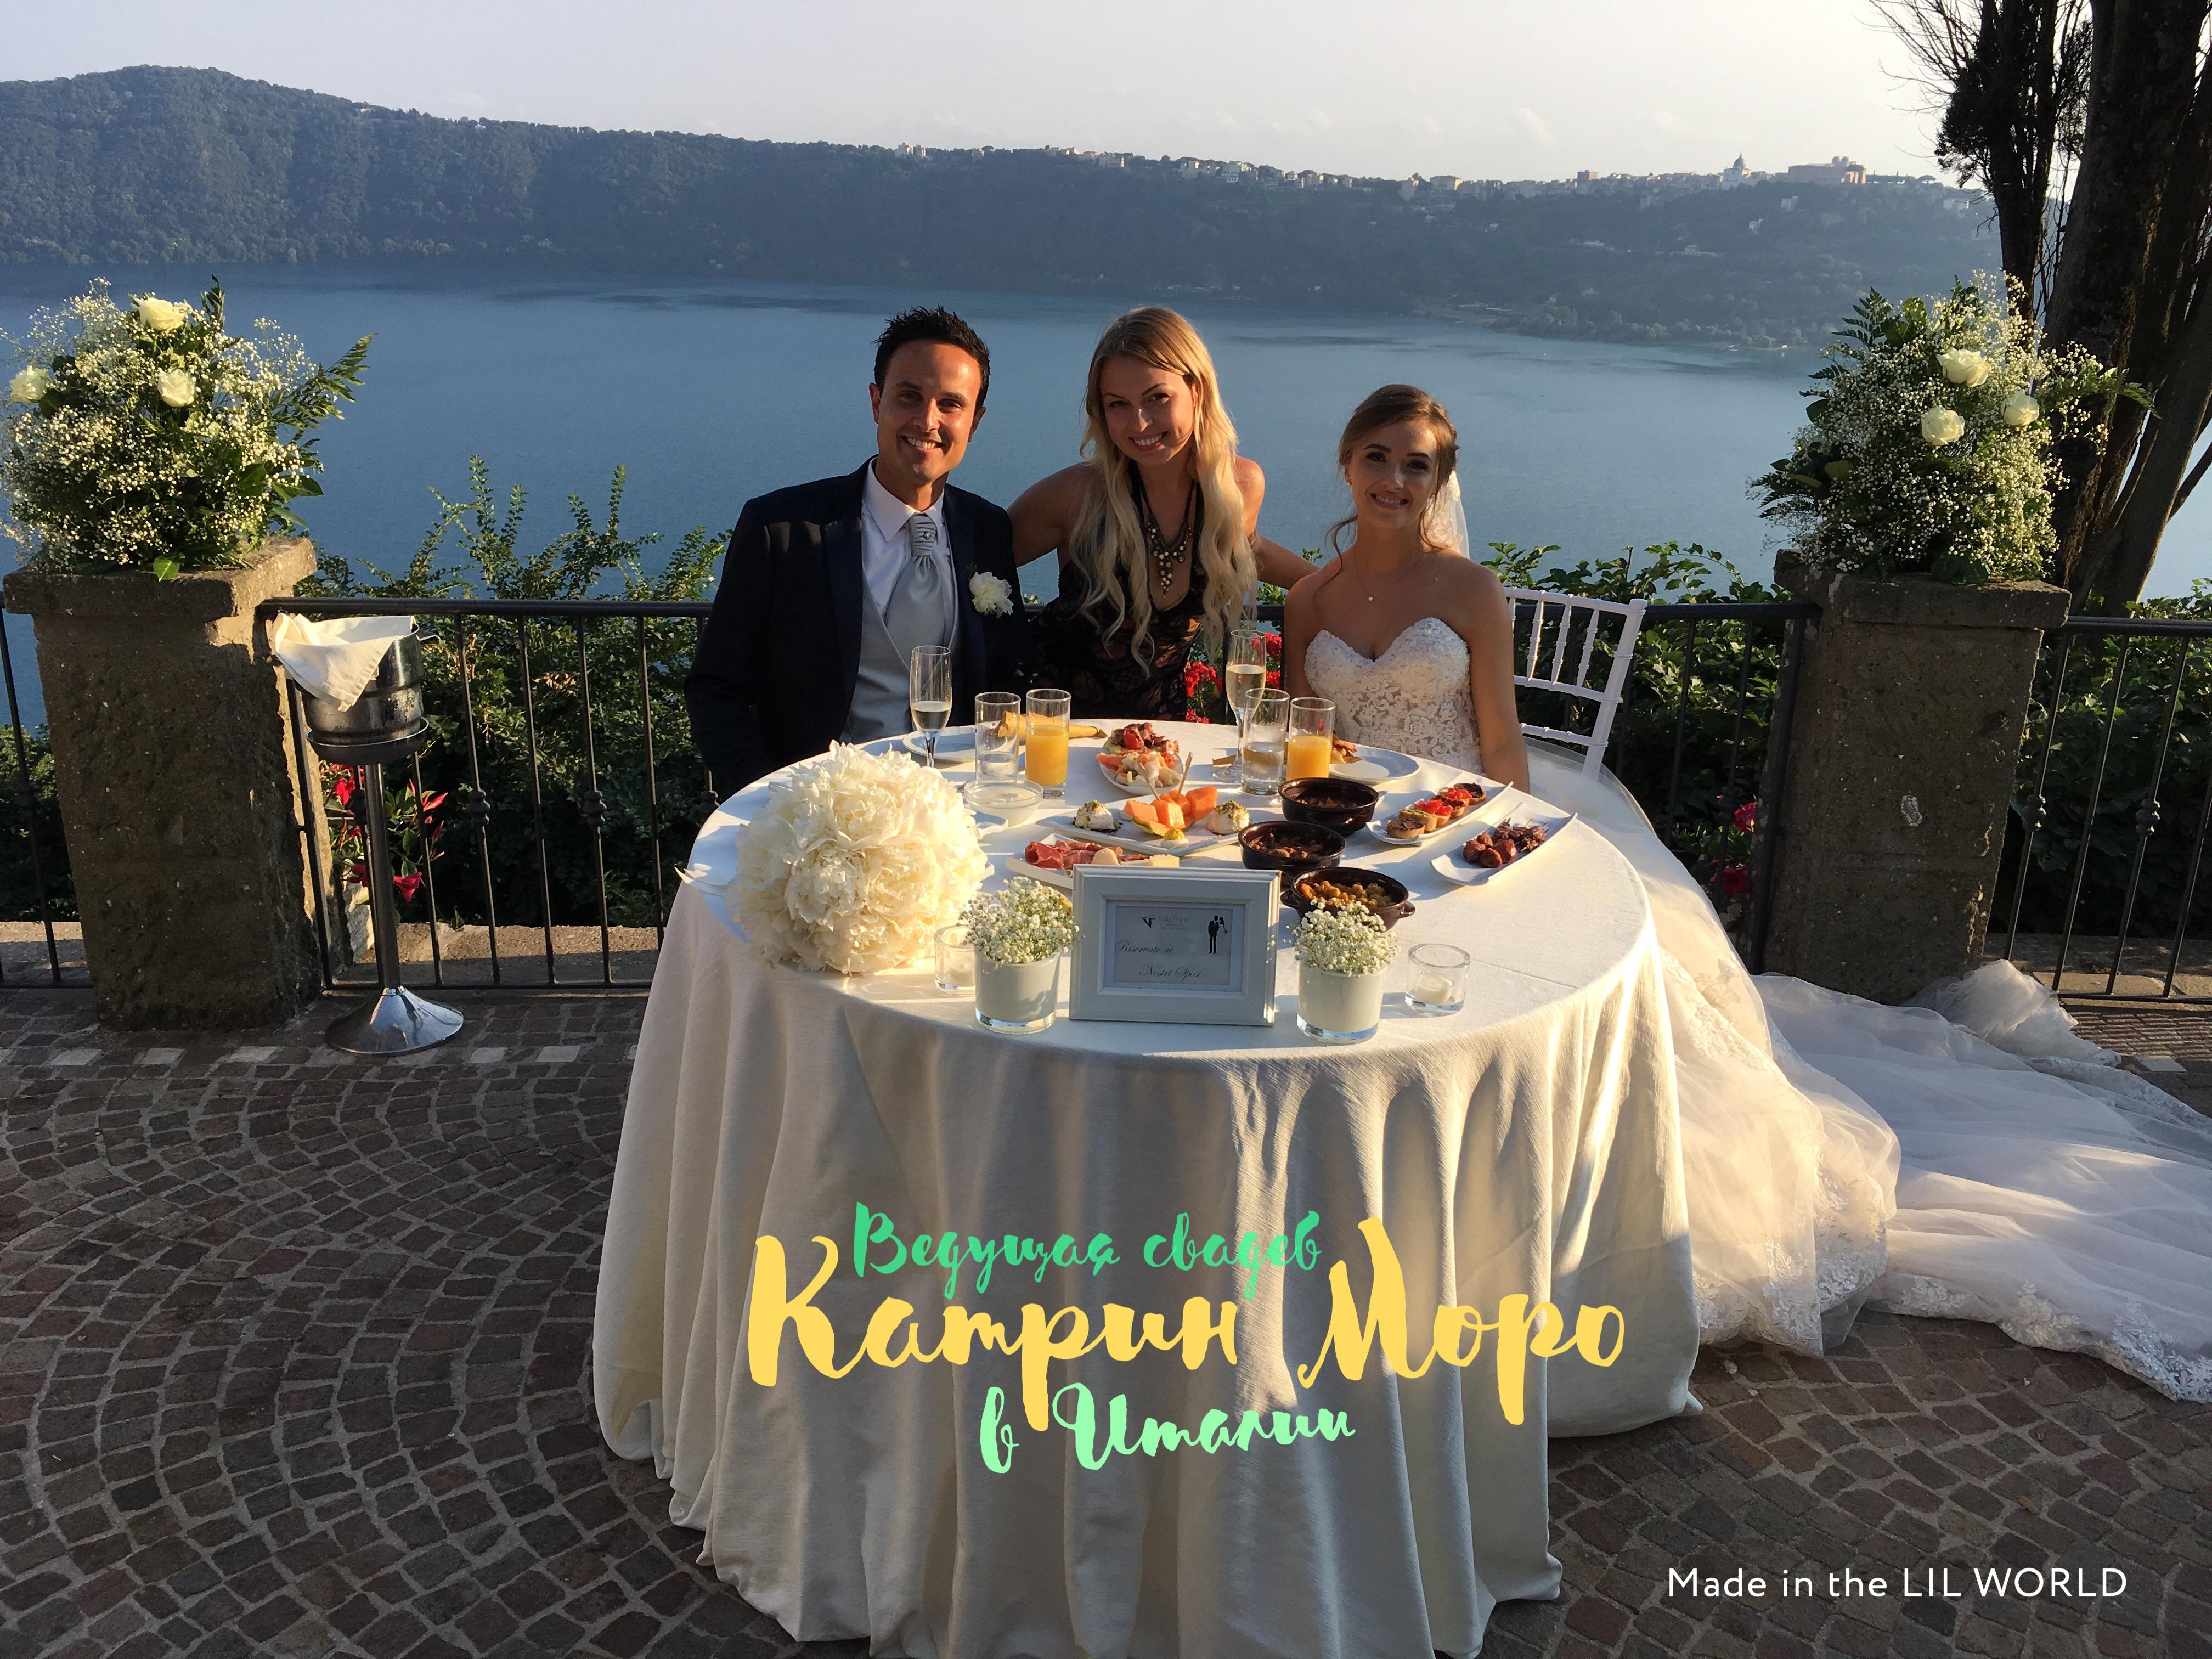 Фото 1 свадьба на озере в Италии | Александра и Даниэле